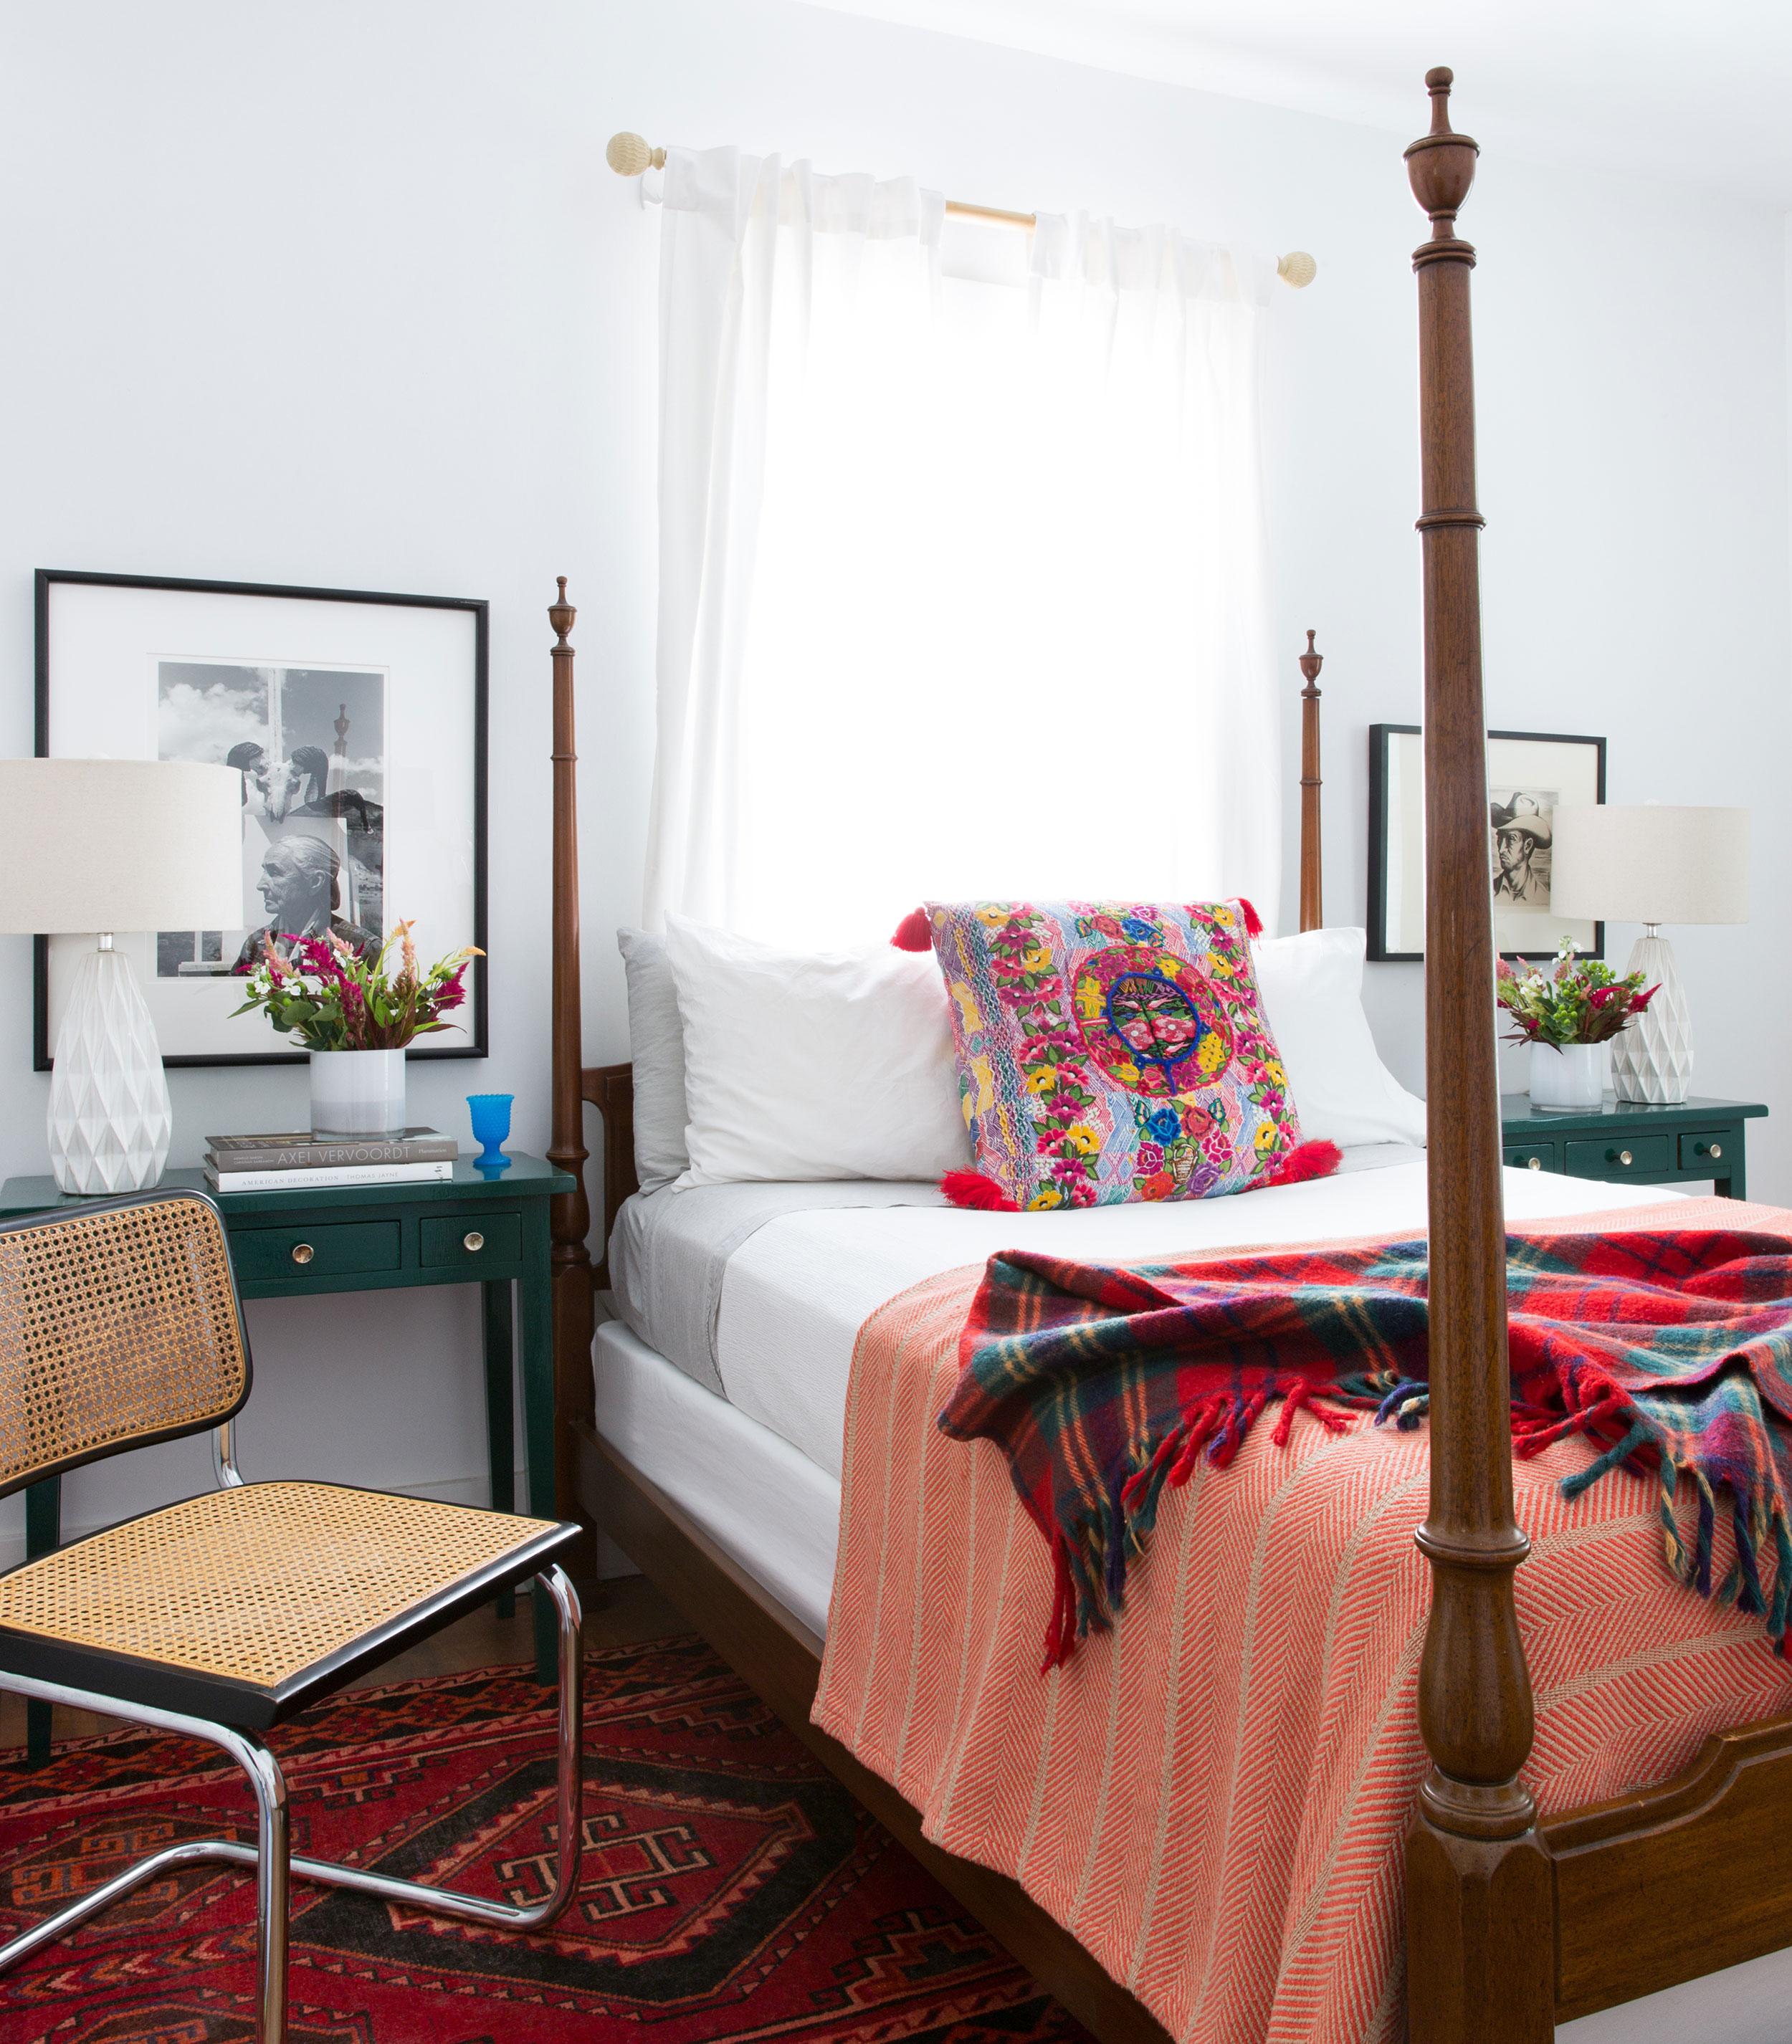 Austin Interior Designer- Avery Cox Design- Austin, TX - Bungalow Bedroom